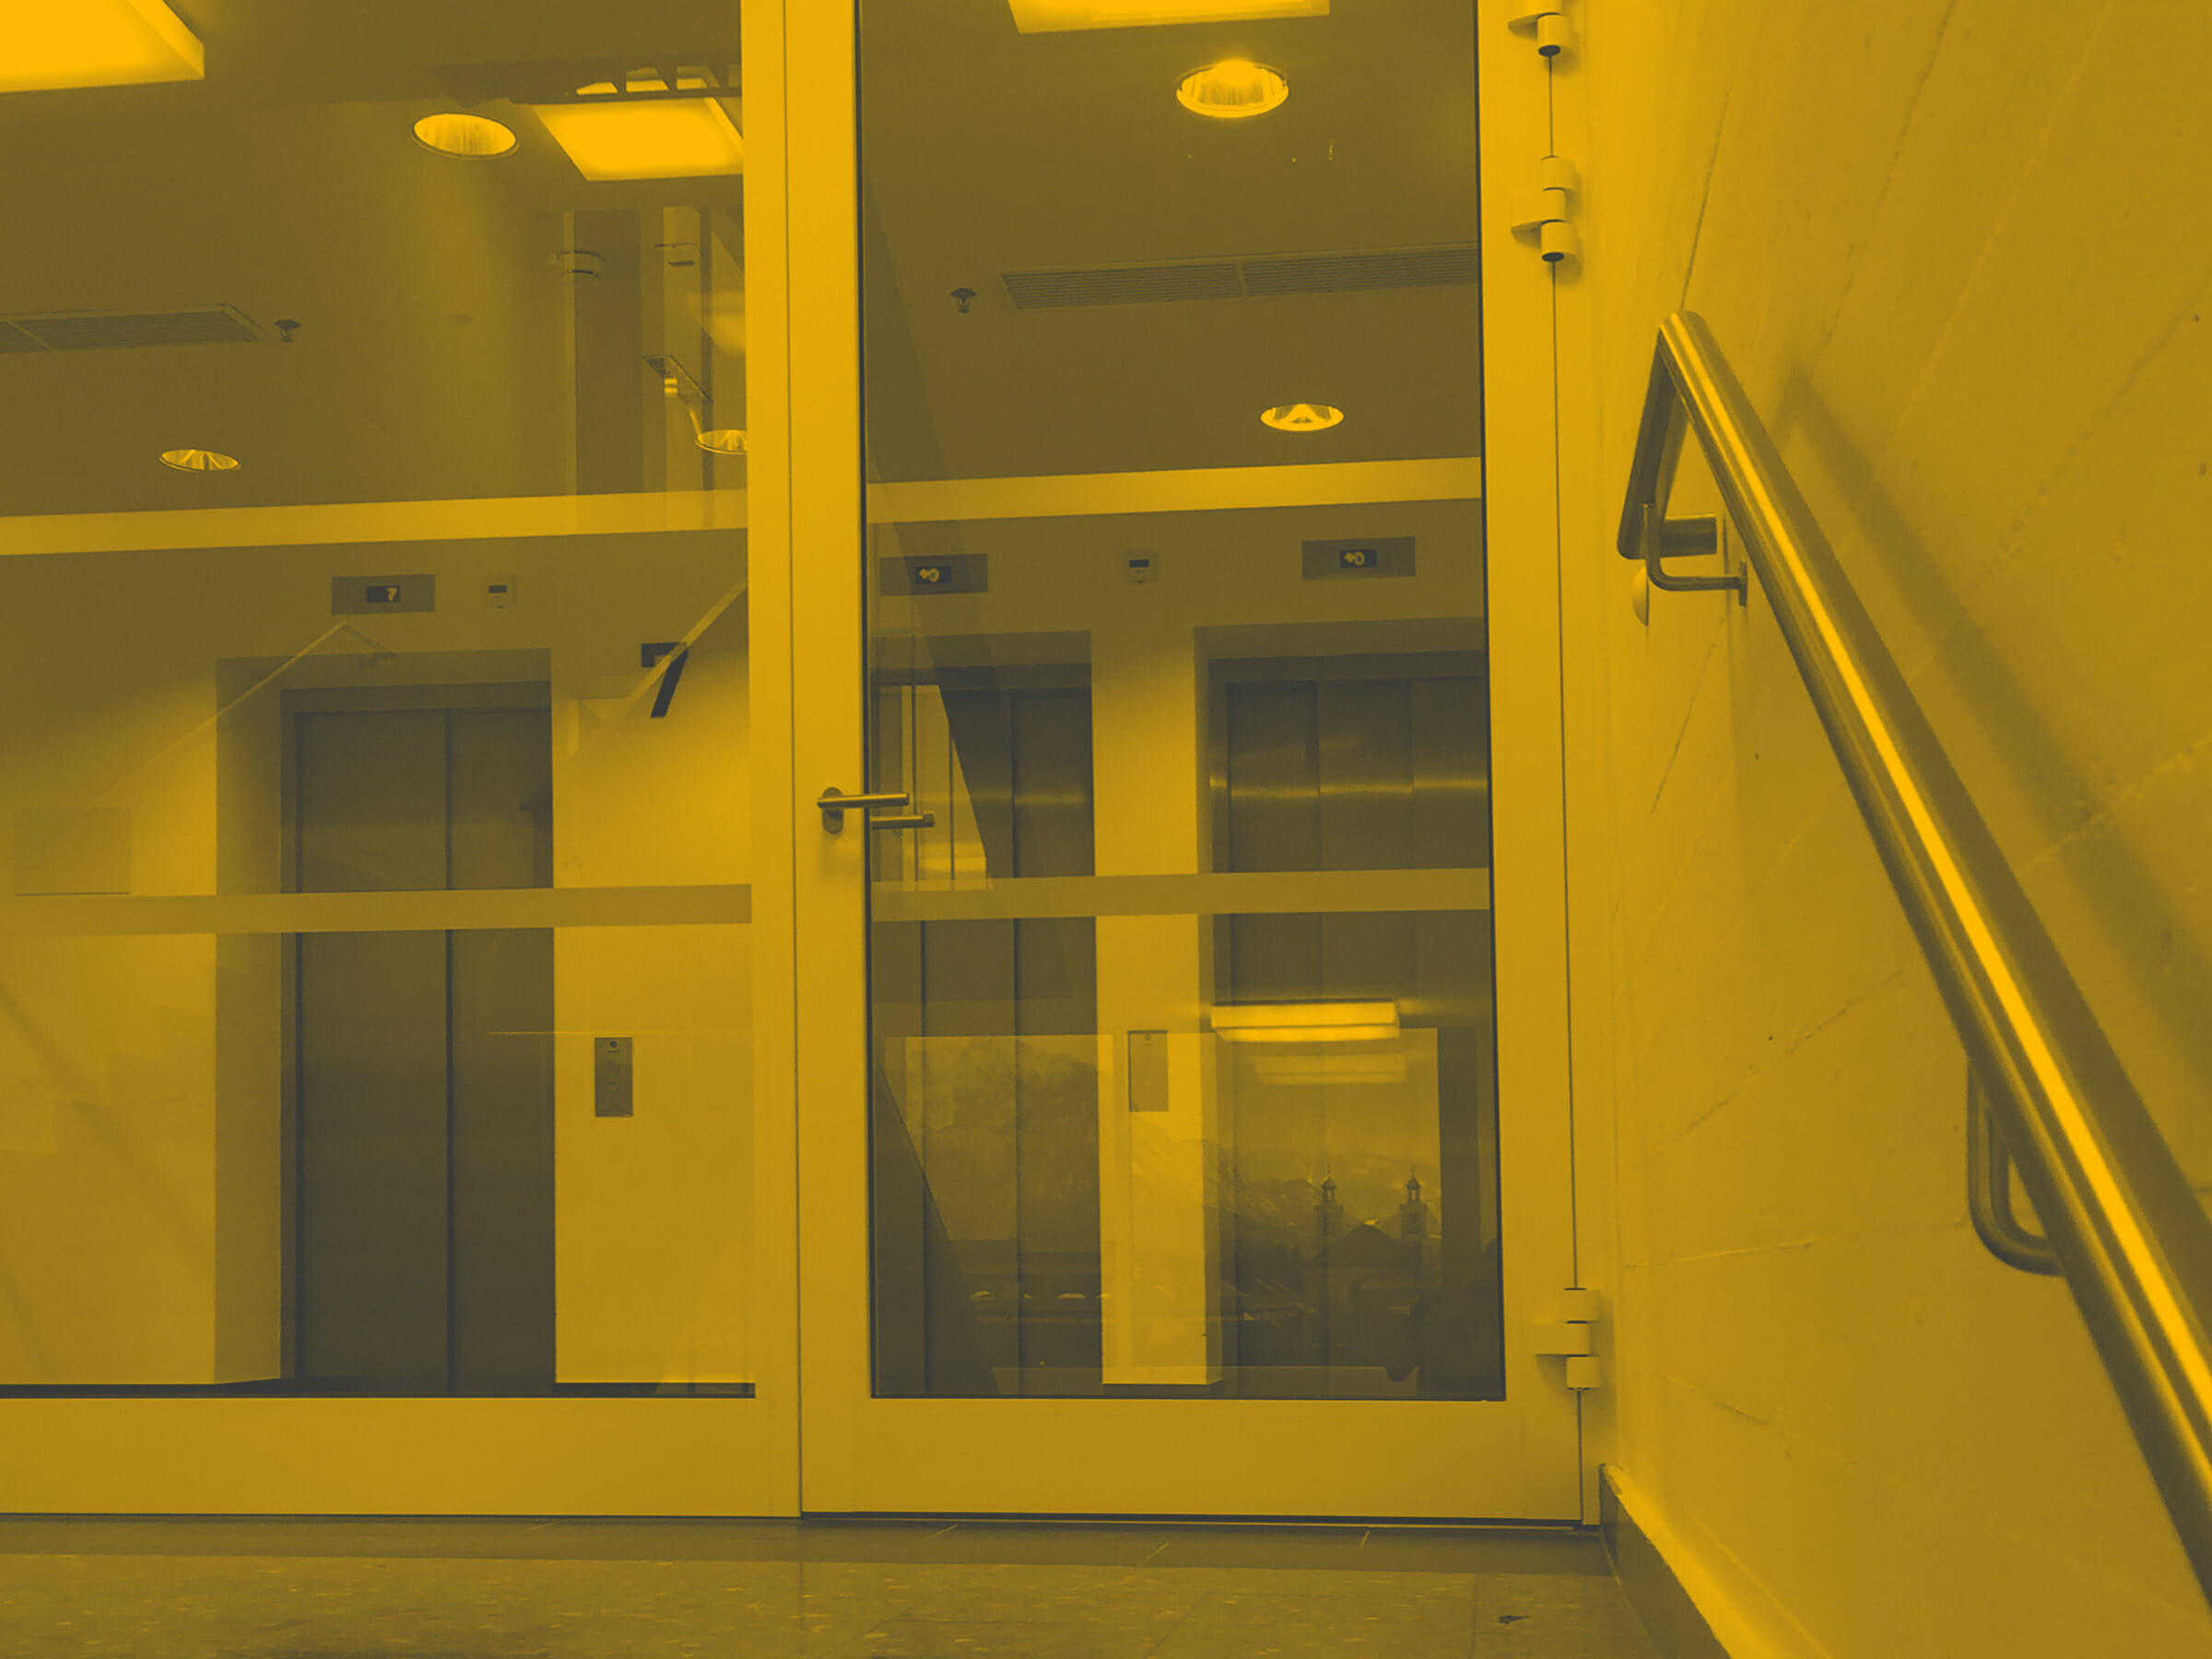 Blick auf Aufzüge im 7 Stock